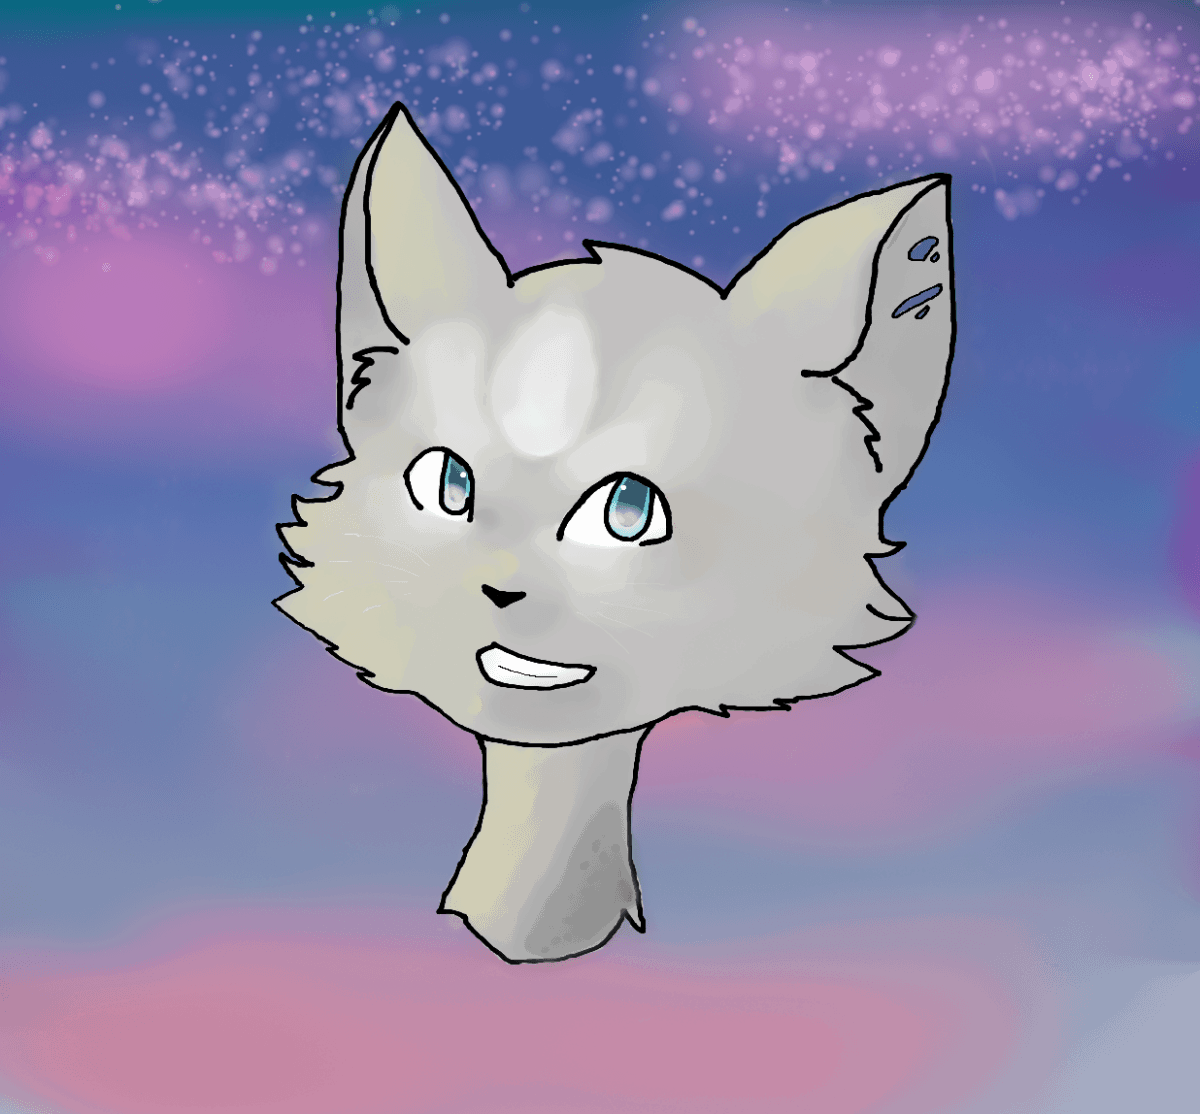 Mein Lieblings Charakter aus Warrior Cats! Name der Datei: cloudstar Programm: MyPaint Charakter: Wolkenstern (aus Warrior Cats) Gezeichnet am: 21.11.